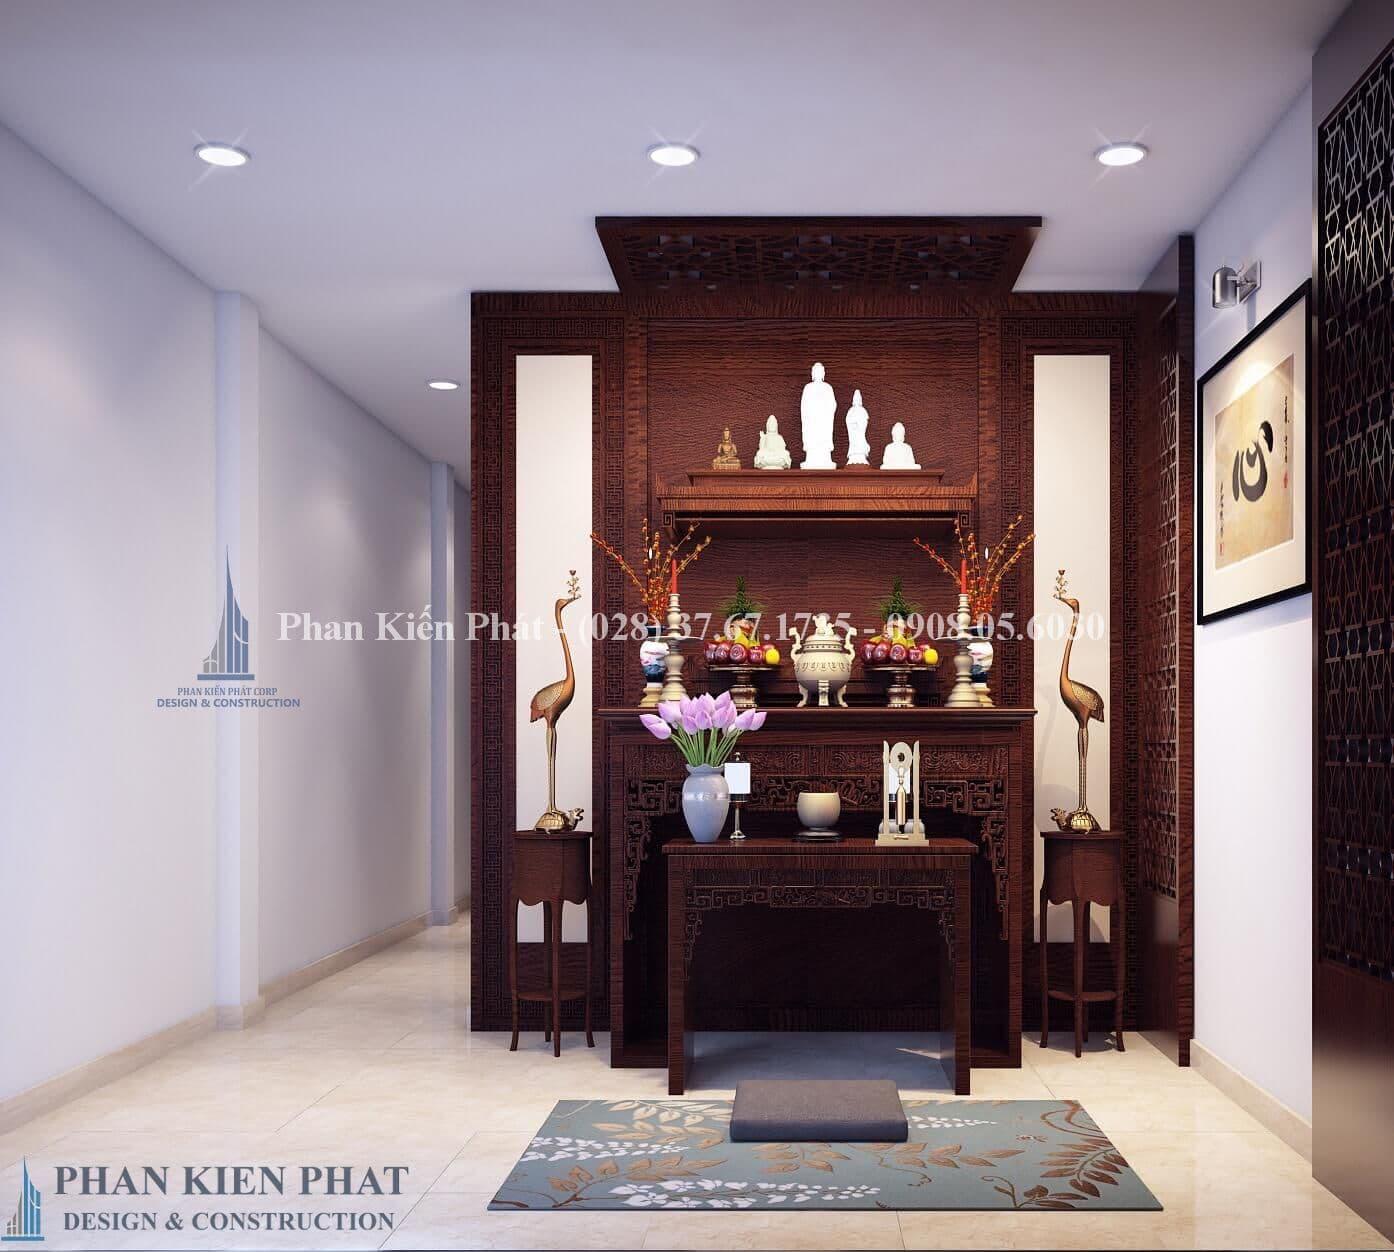 Thiet Ke Noi That Phong Tho View2- mẫu thiết kế nhà phố 3 tầng